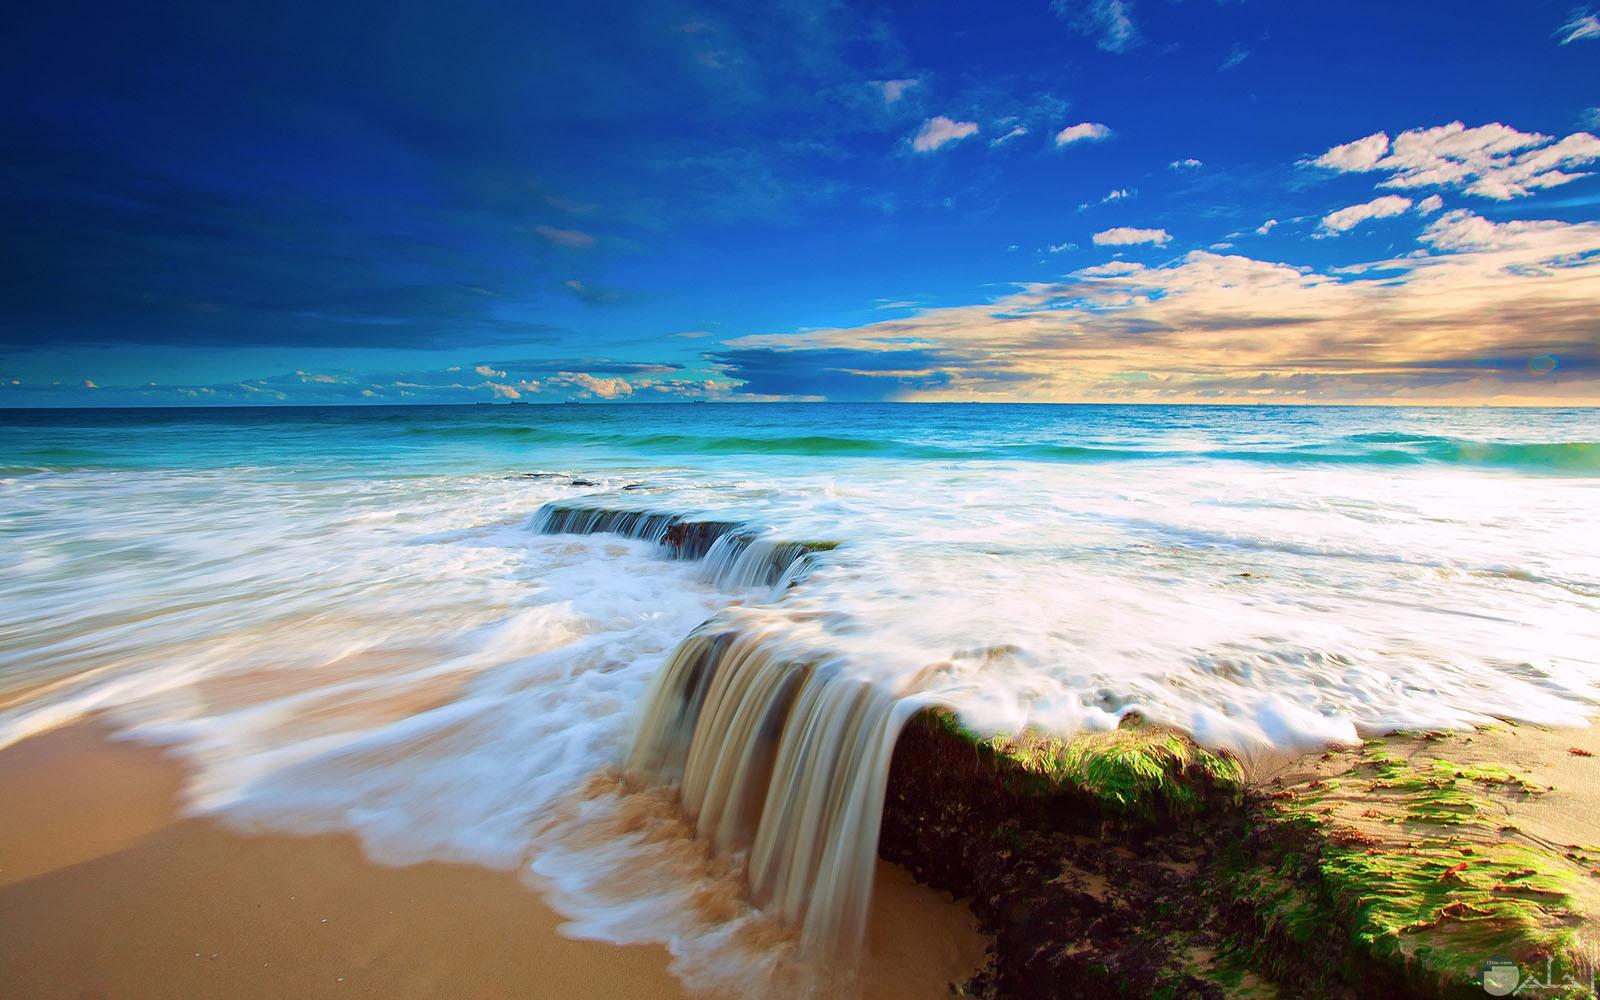 صورة بحر مع الصخور البحرية الجميلة.